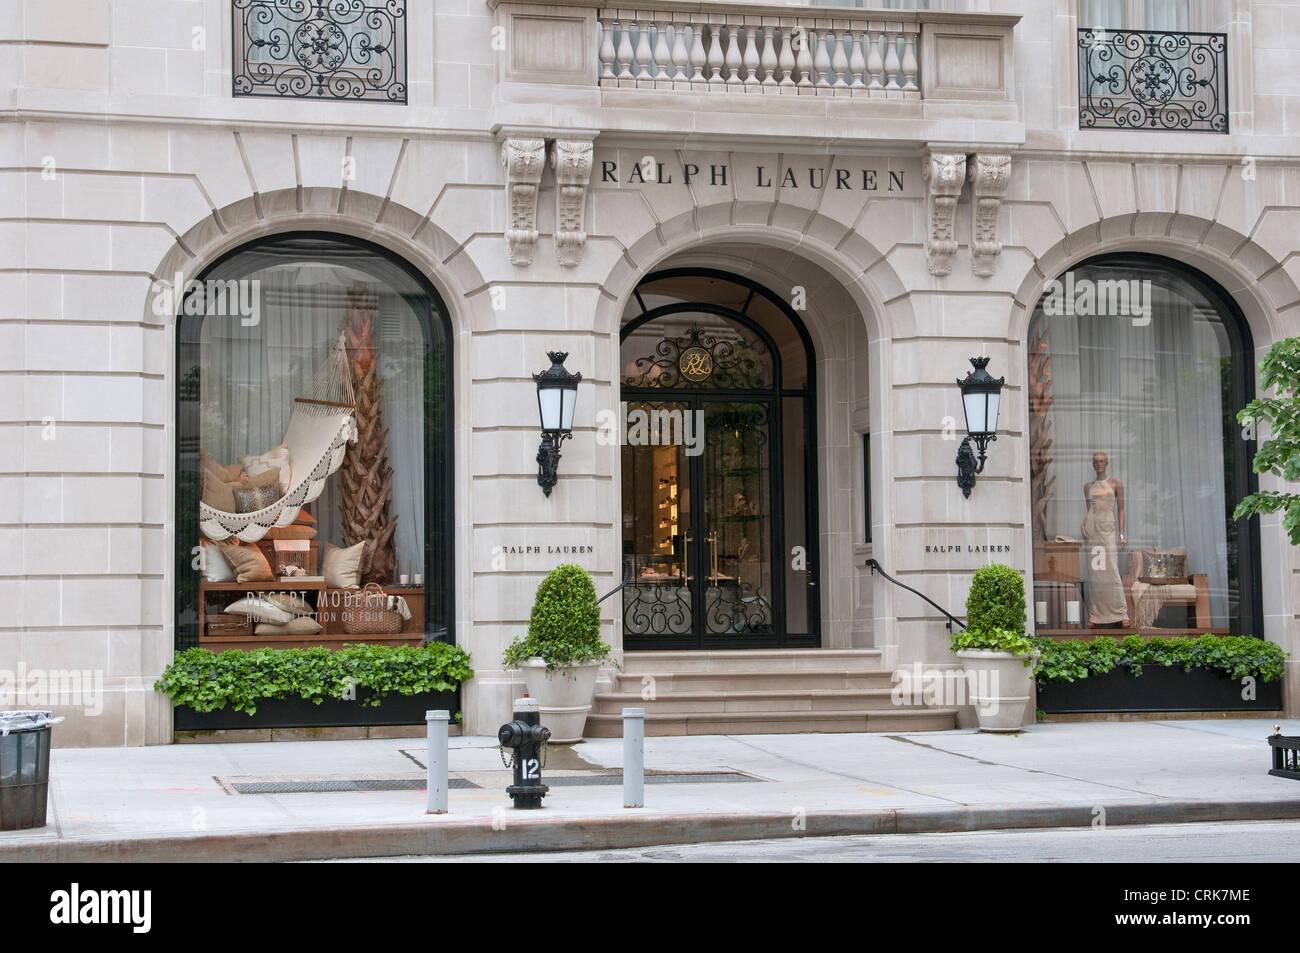 Ralph lauren 625 madison avenue new york for Ralph lauren nyc office